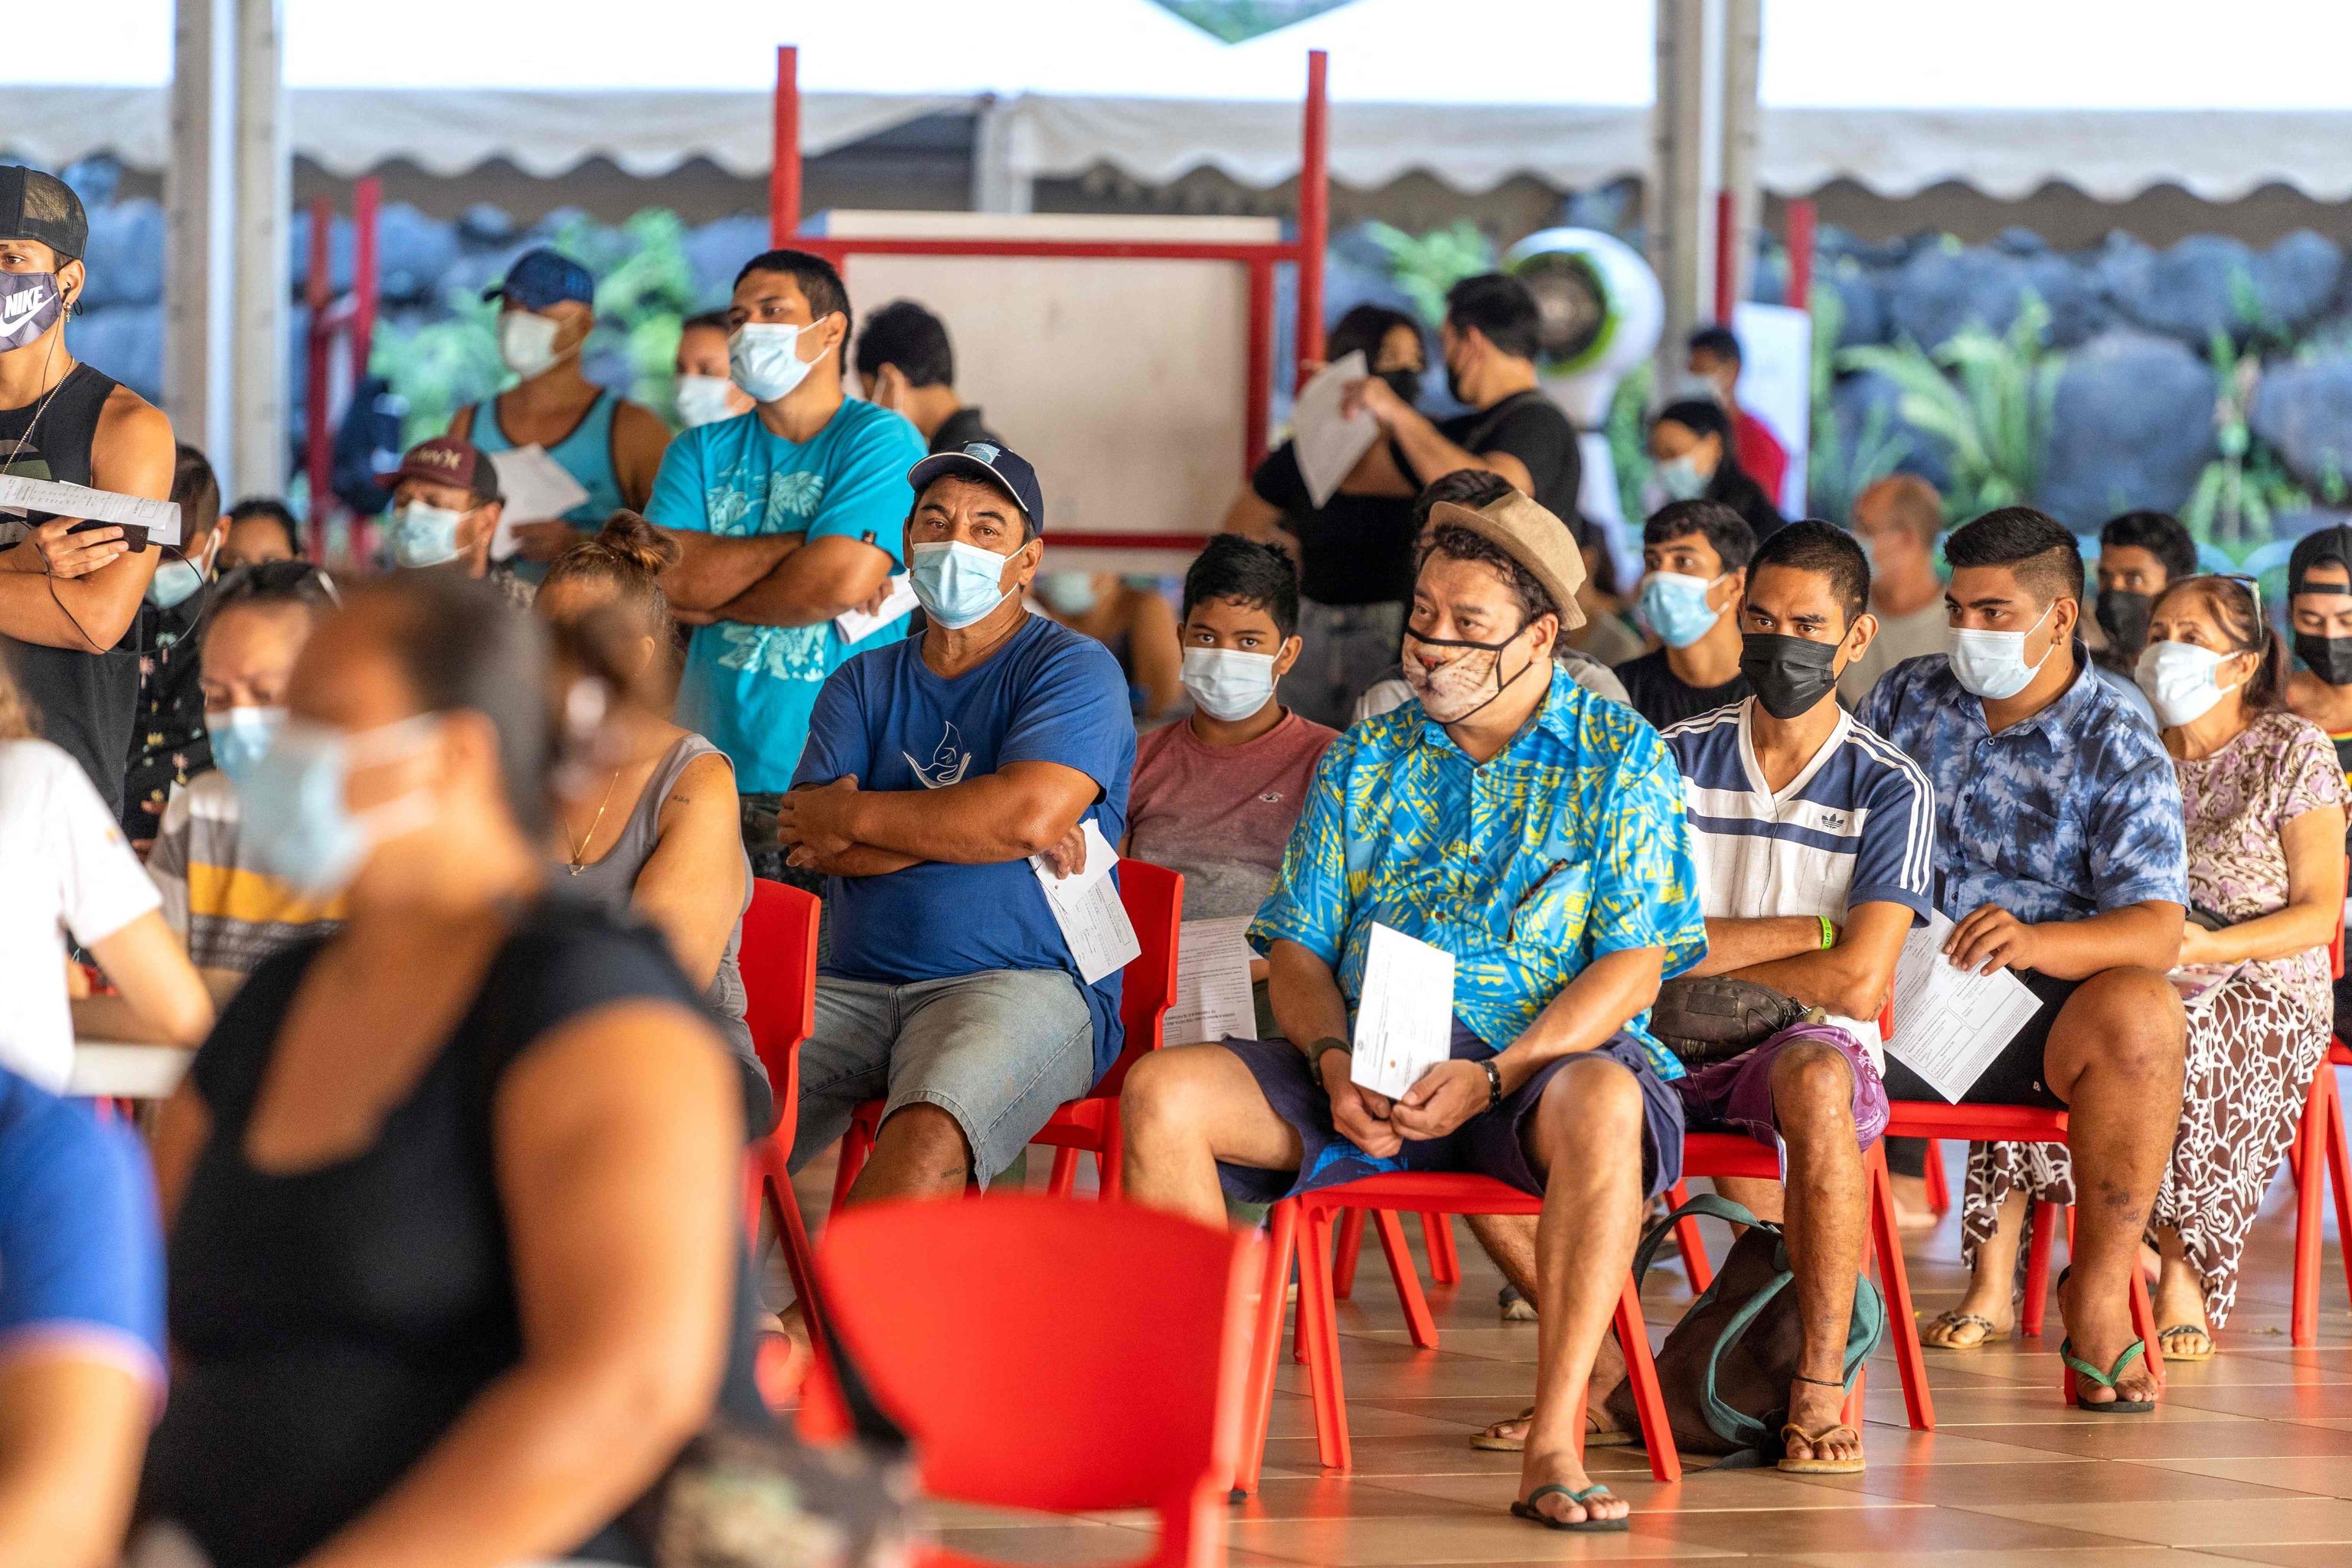 Punto de vacunación en Papeete, Polinesia francesa.